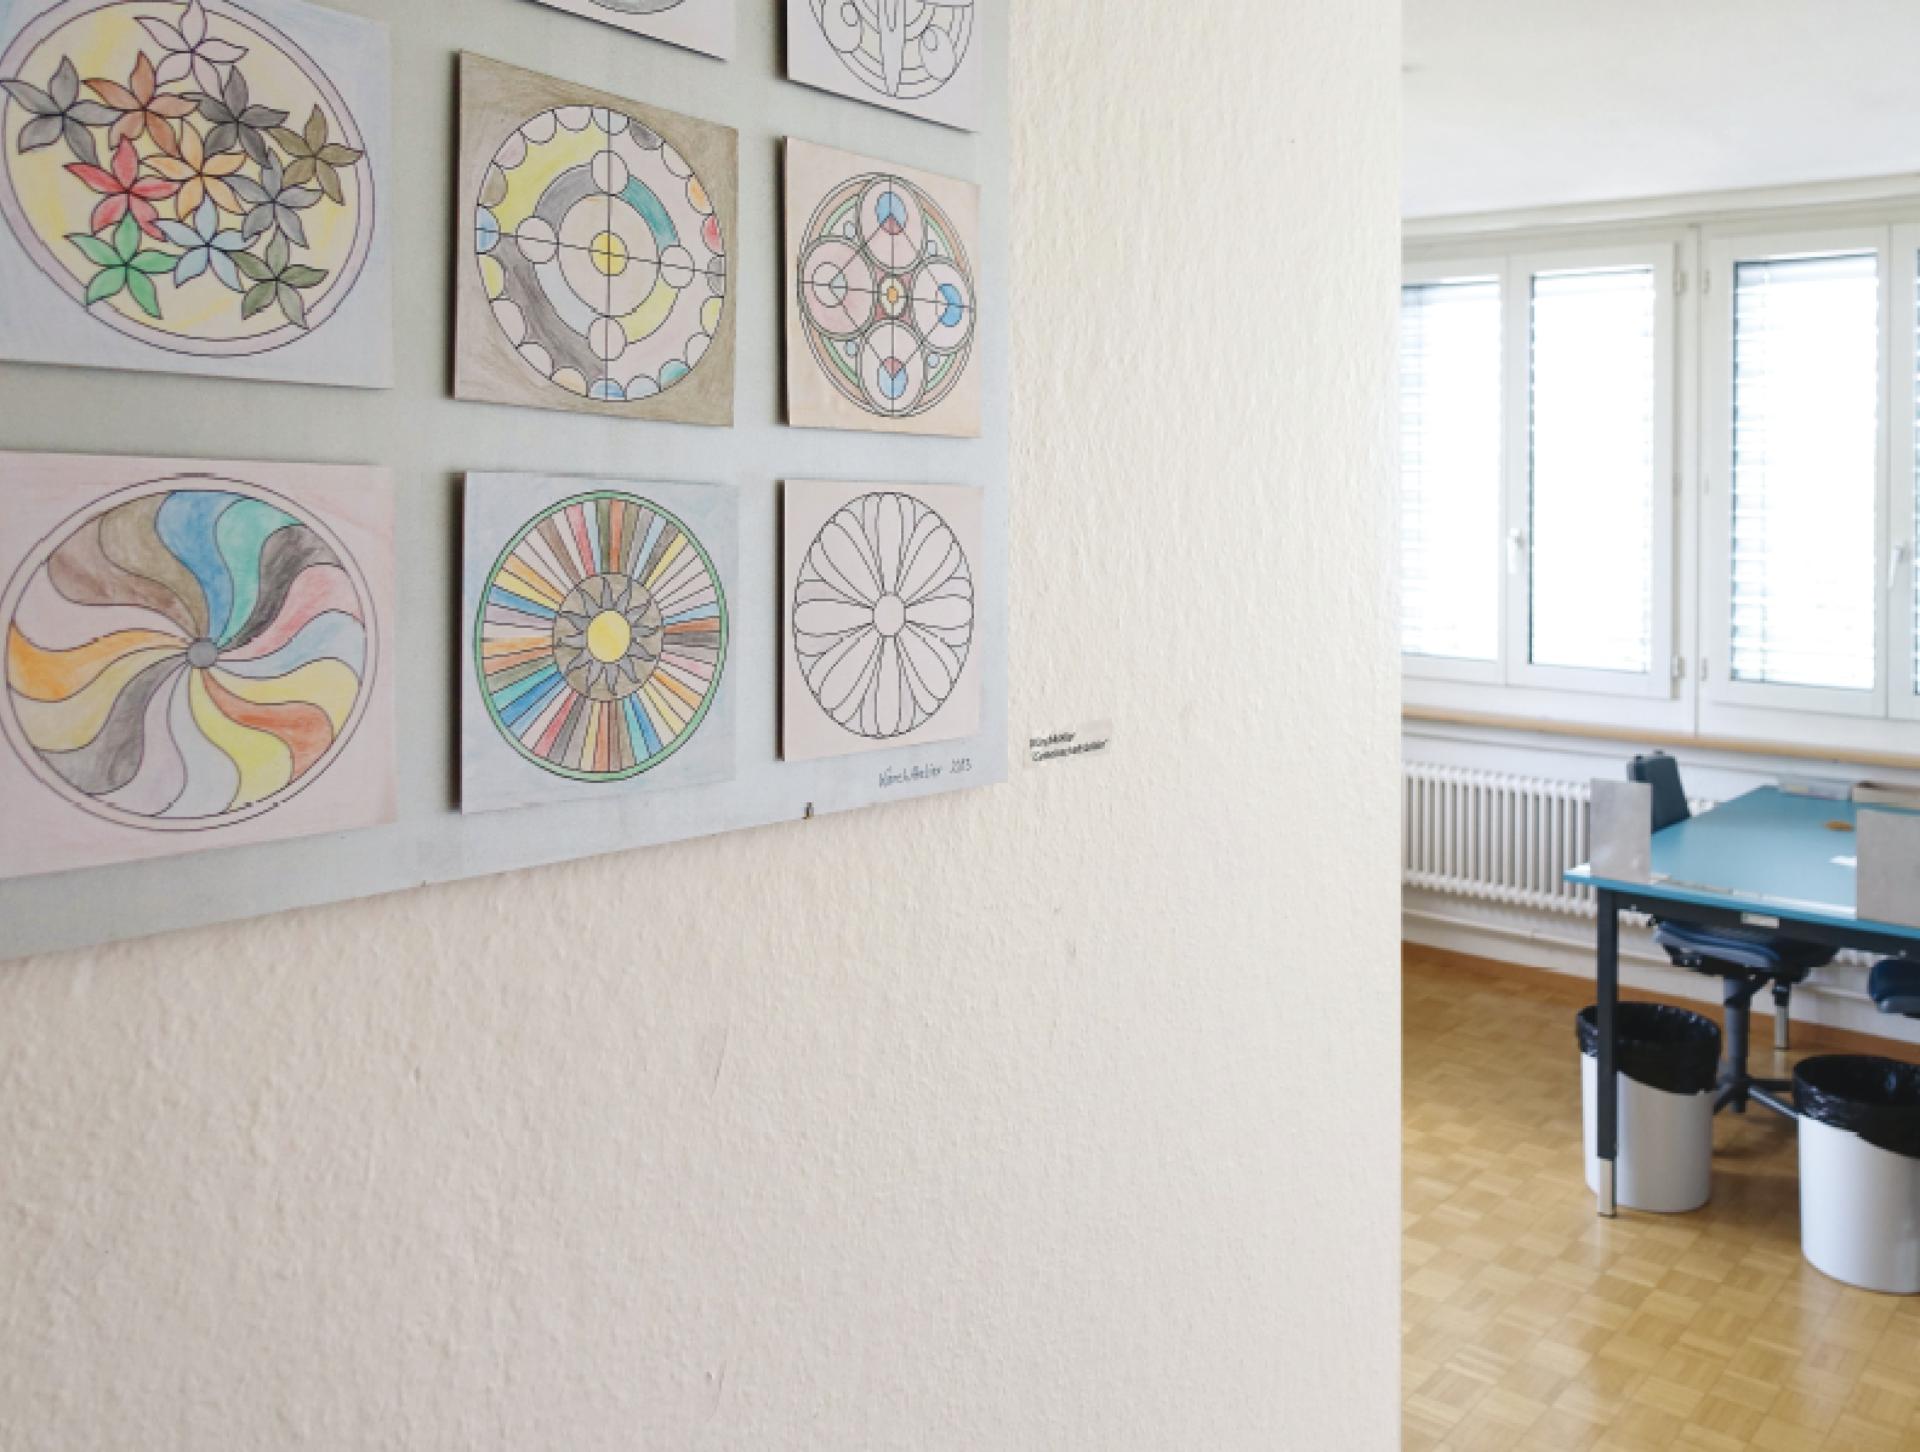 2011 Eröffnung WärchAtelier. Die Wärchbrogg schafft ein neues Angebot mit Tagesstruktur für psychisch stärker beeinträchtigte Menschen. Im WärchAtelier stehen kreatives Tun und einfache Abpackarbeiten im Zentrum.